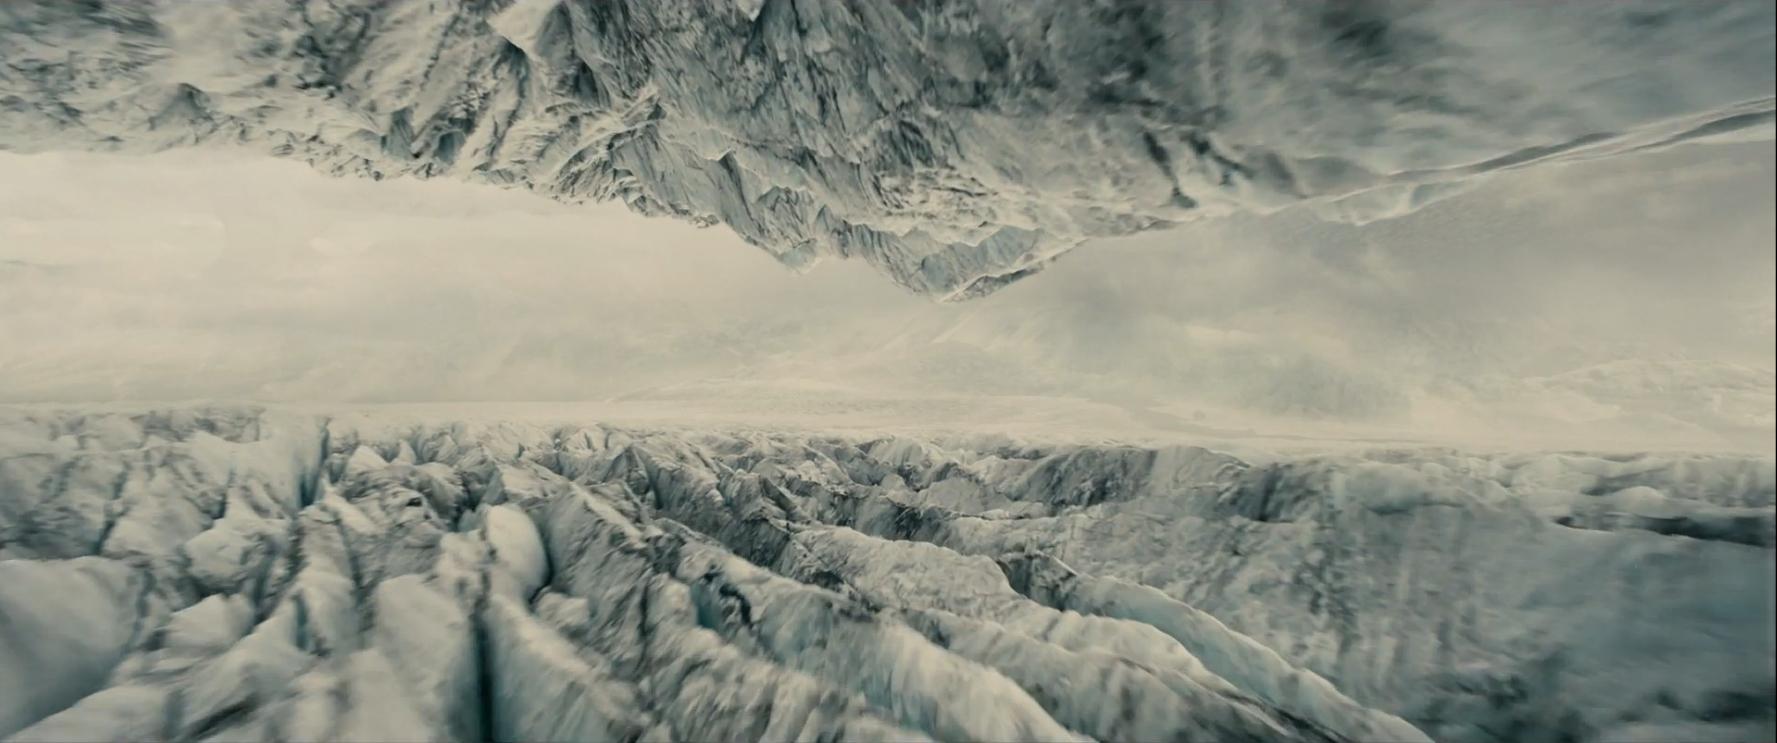 """Nolan sinemaya ruhunu teslim ediyor: """"Interstellar"""" (""""Yıldızlararası"""")"""